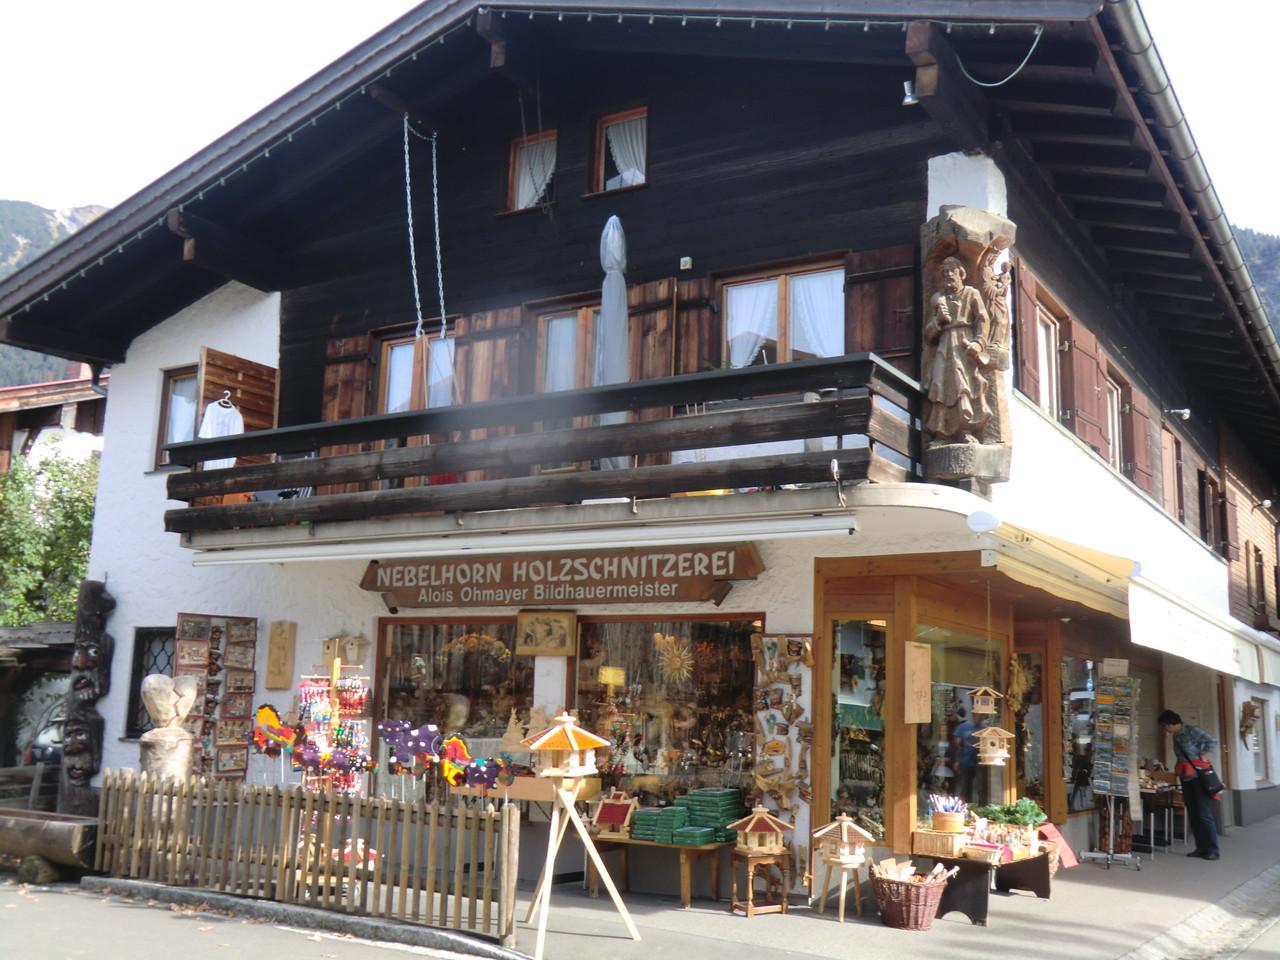 typisch bayrische Häuser gibt es hier